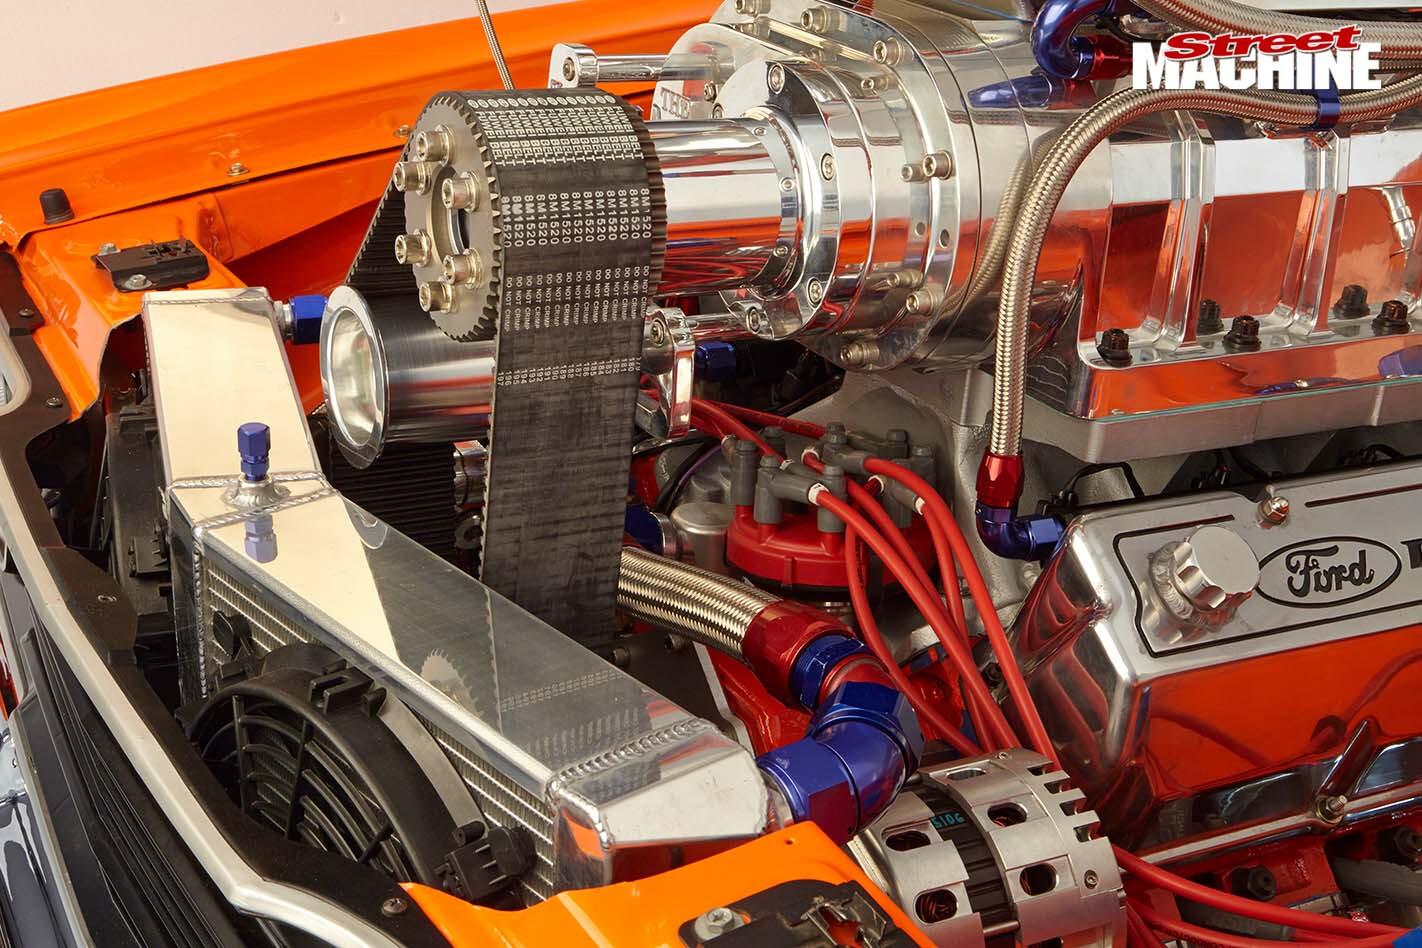 Ford Cortina TD INJEKTD 2813 29 Jpg